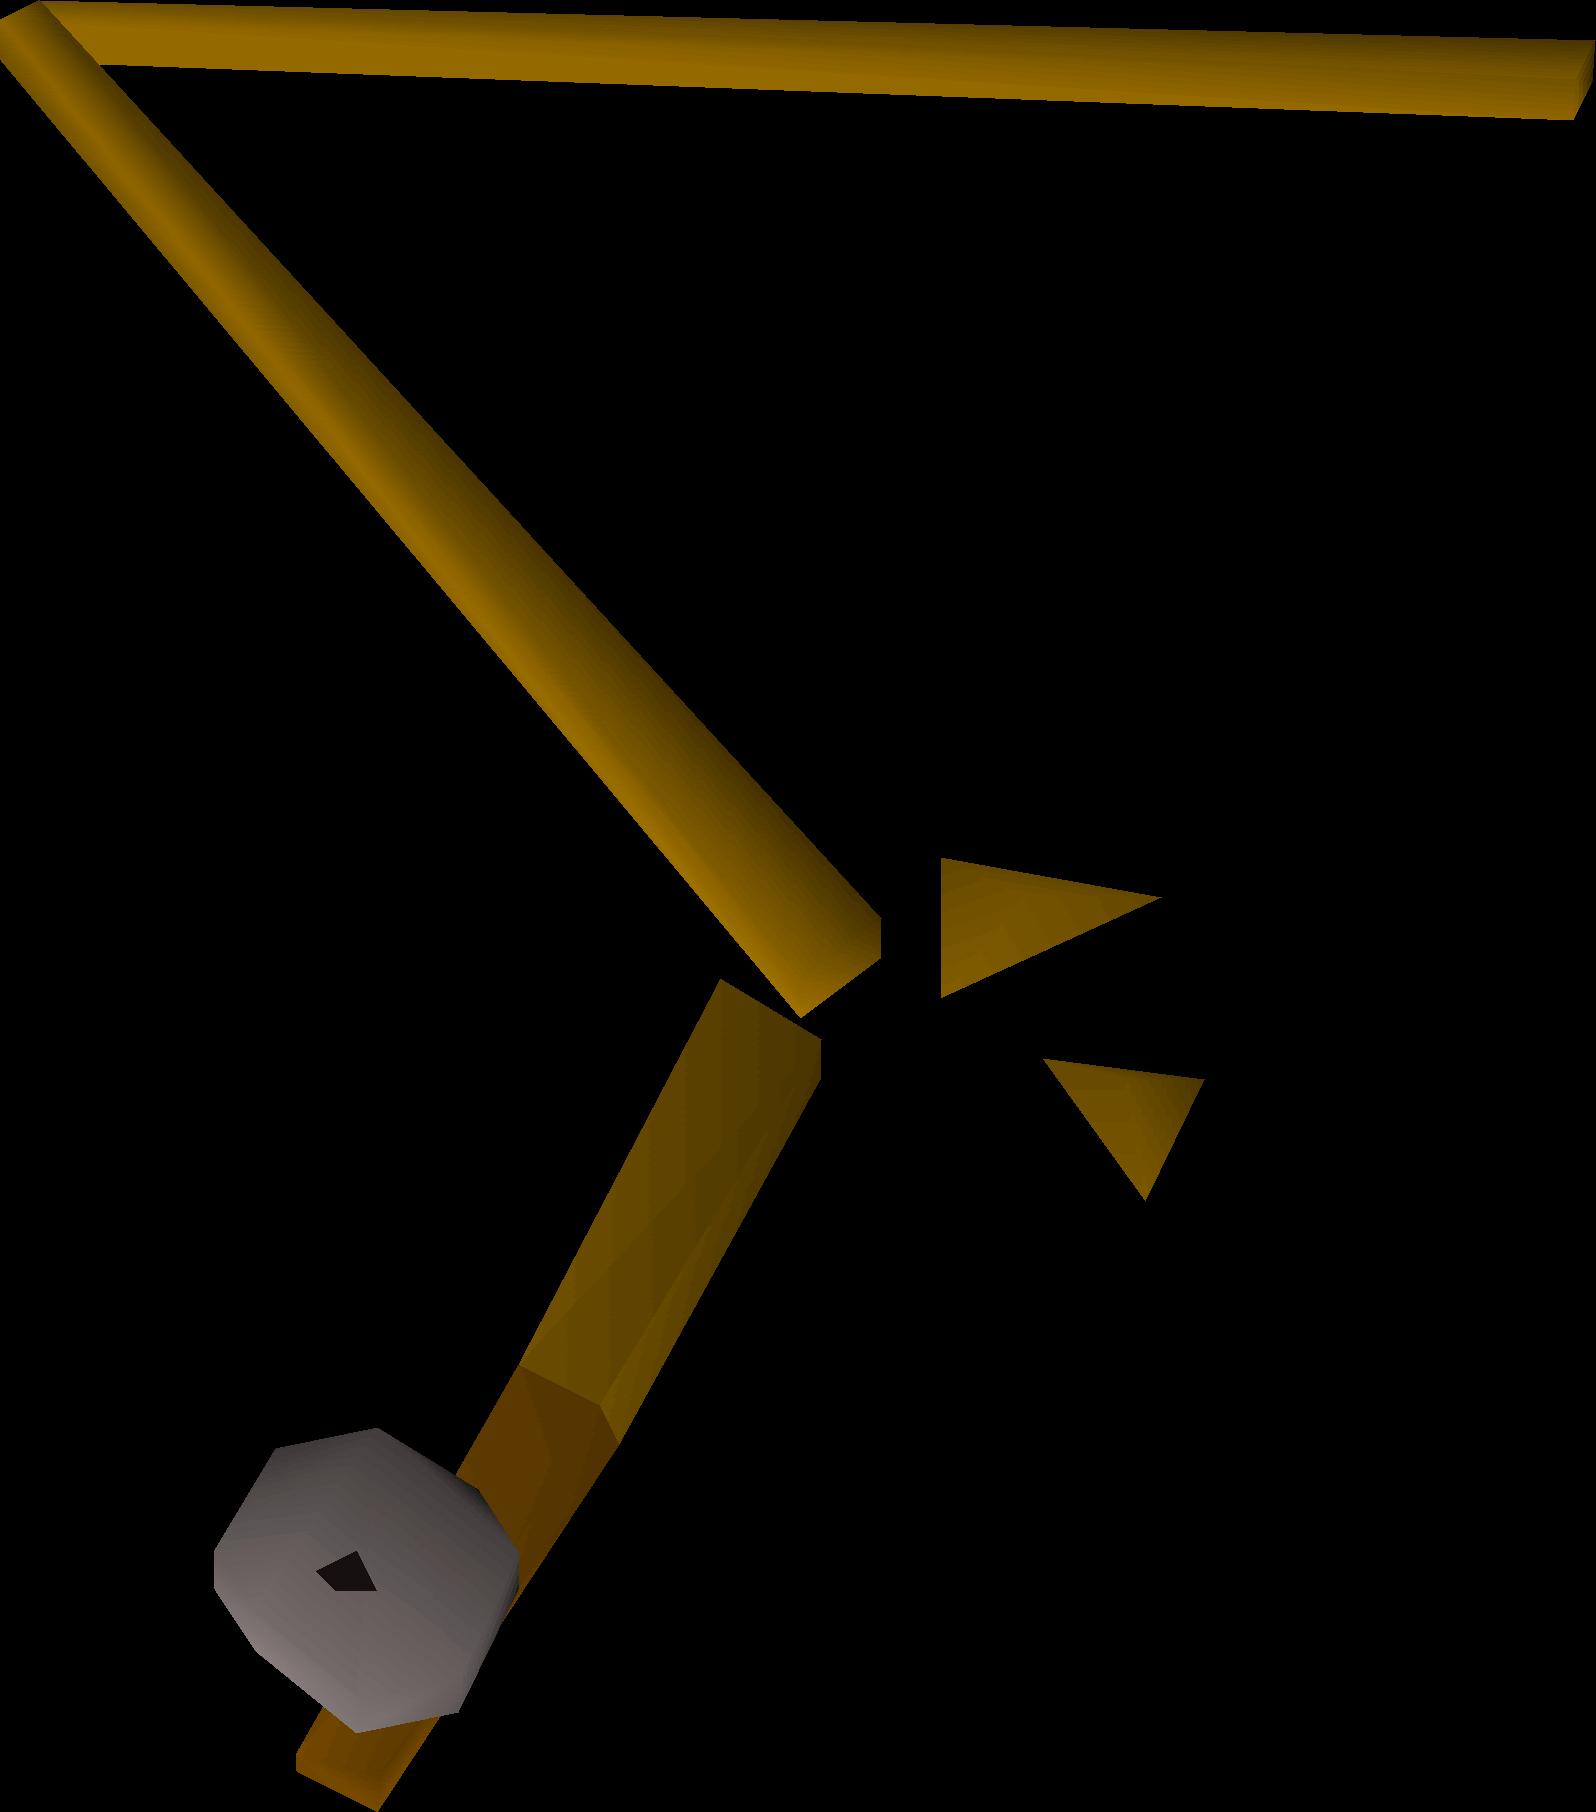 Broken fishing rod detail